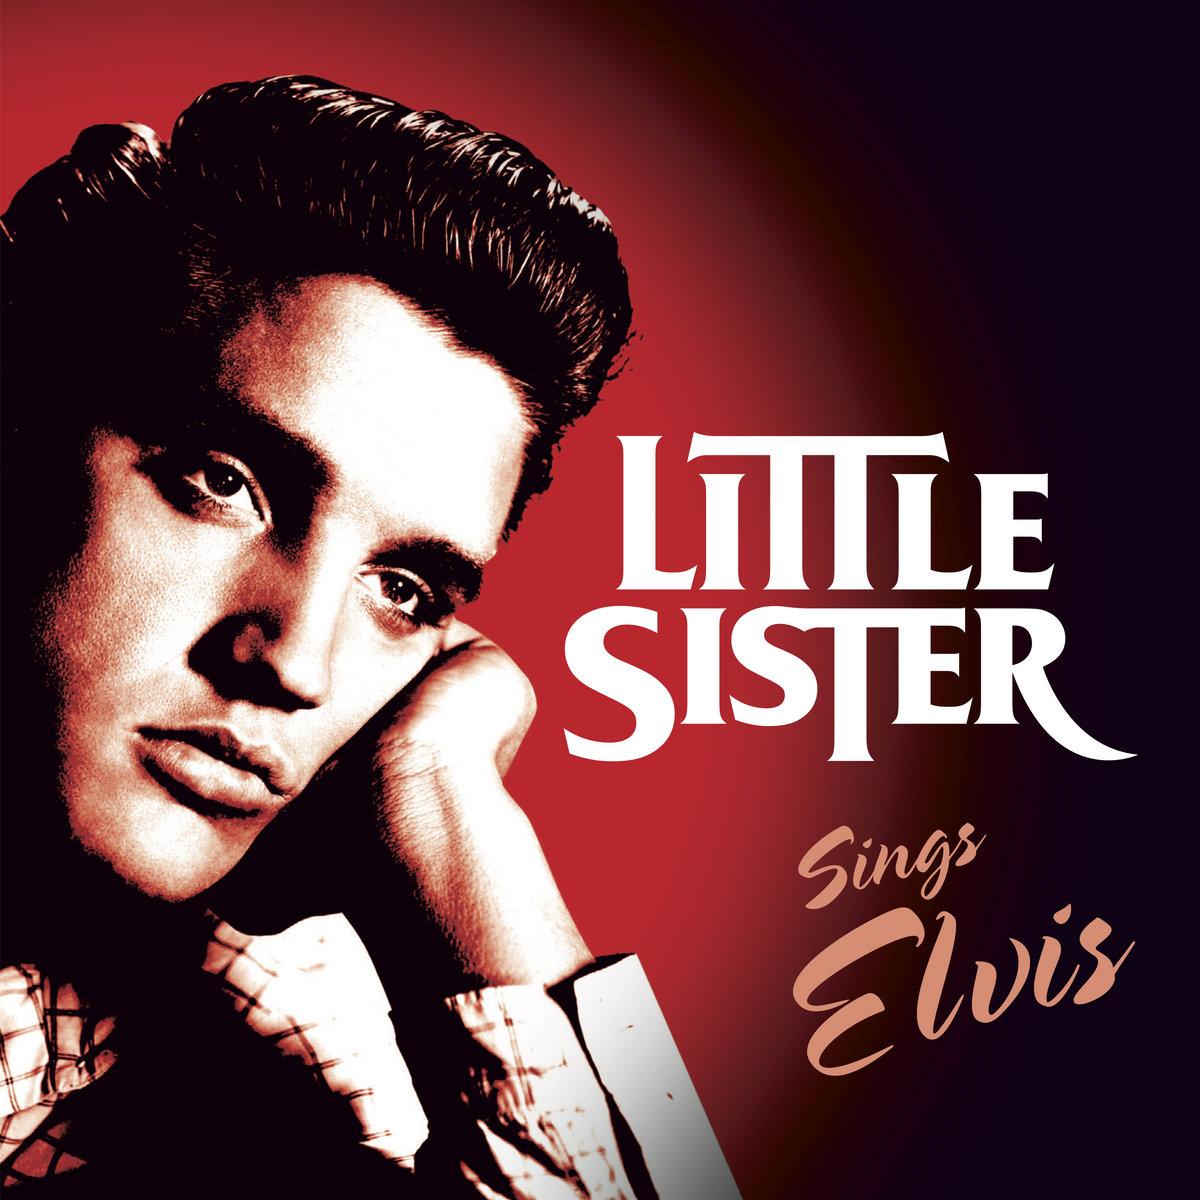 Little Sister Sings Elvis Little Sister